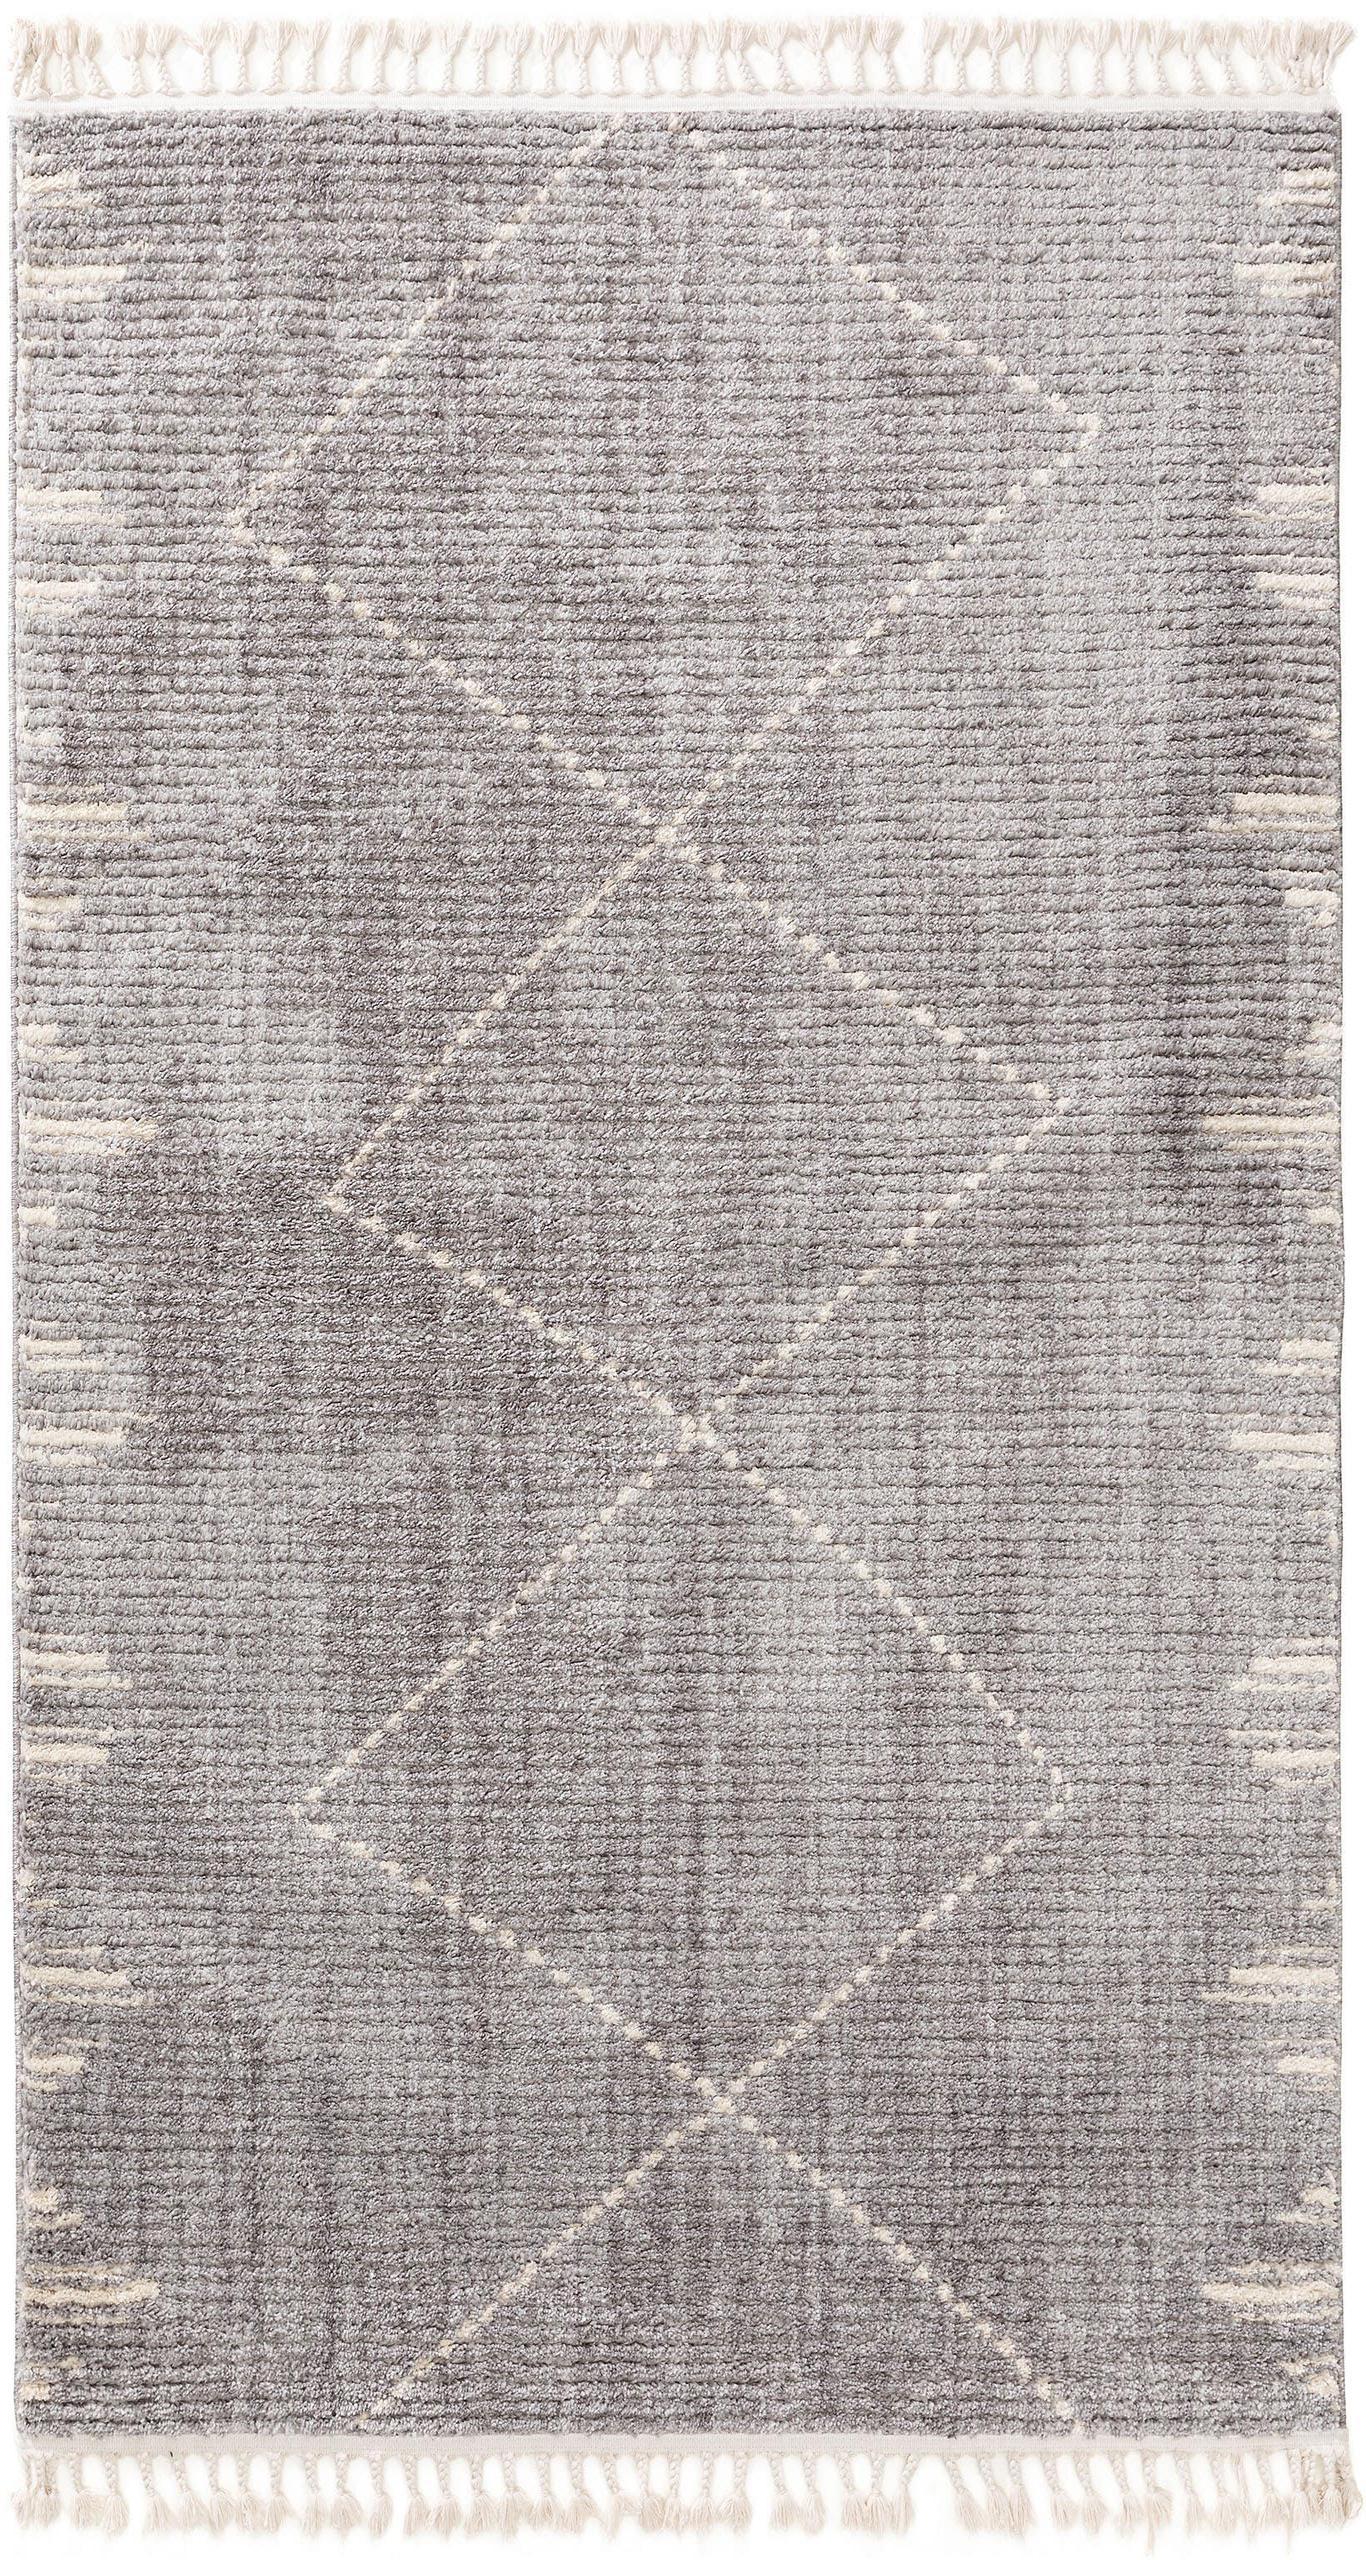 Hochflor-Teppich Bosse mit Rautenmuster und Fransen, 100% Polyester, Grau, Cremeweiß, B 80 x L 150 cm (Größe XS)